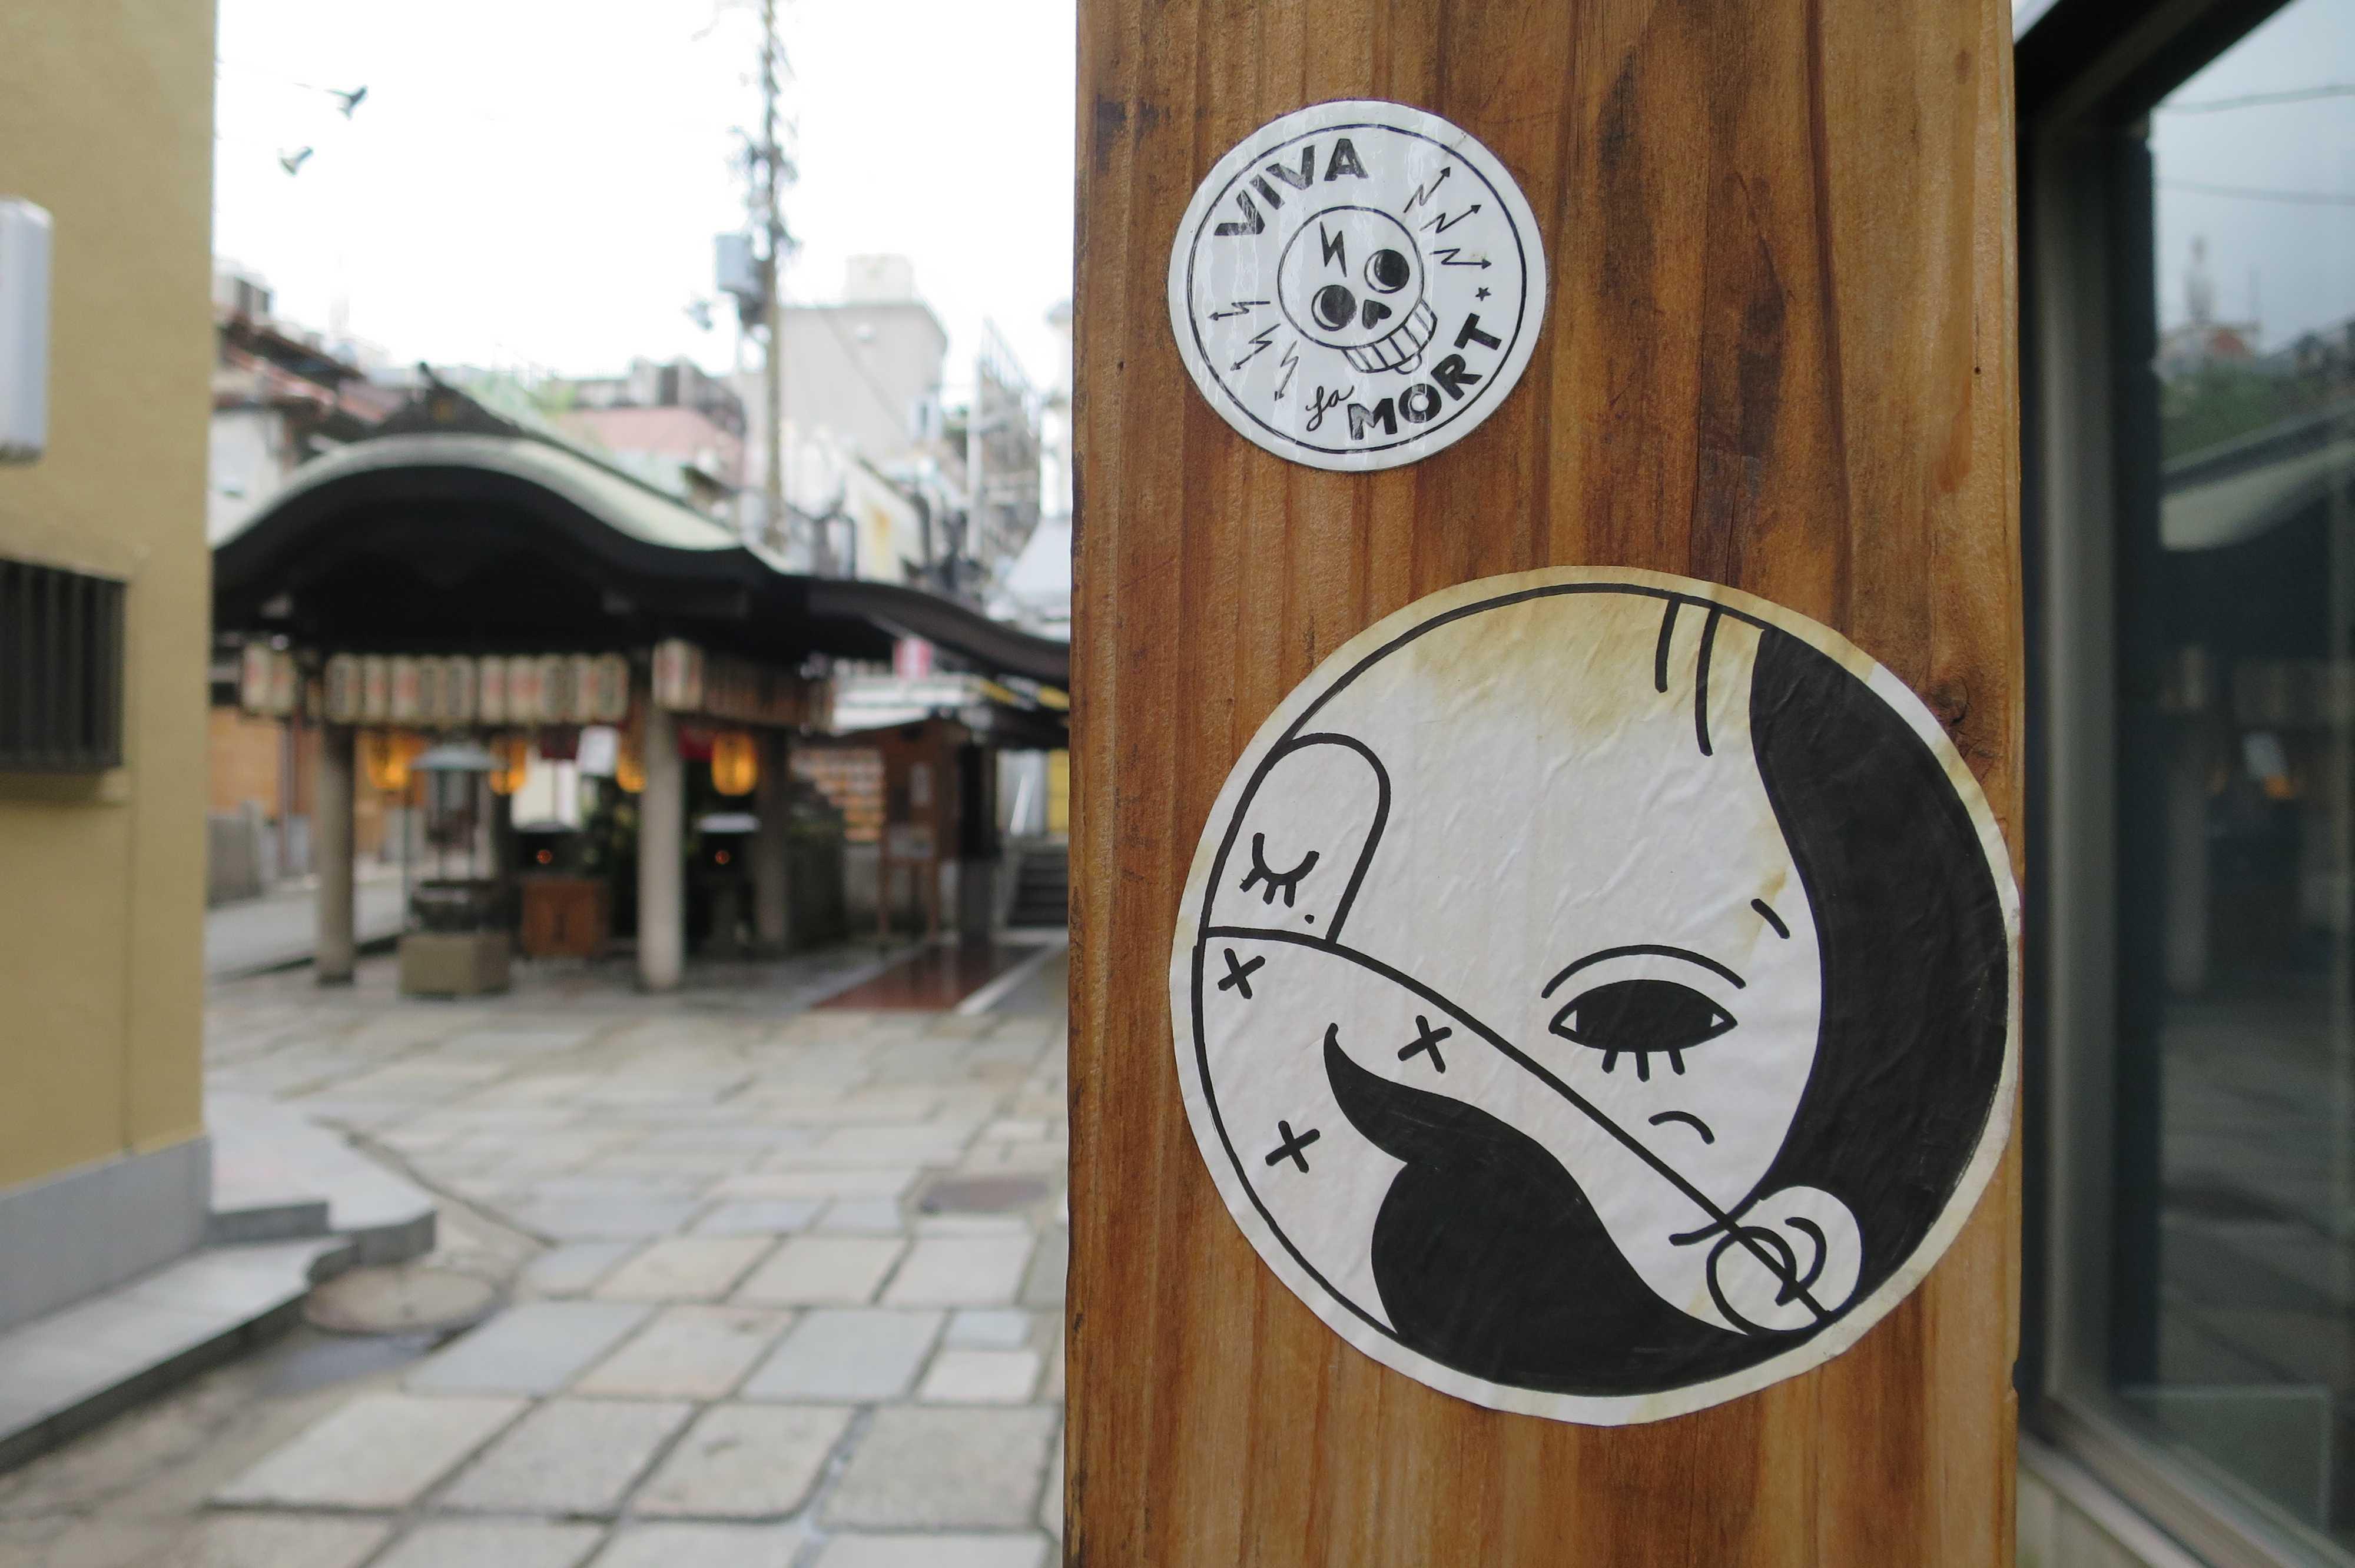 大阪 - 法善寺入り口に貼られていたシール